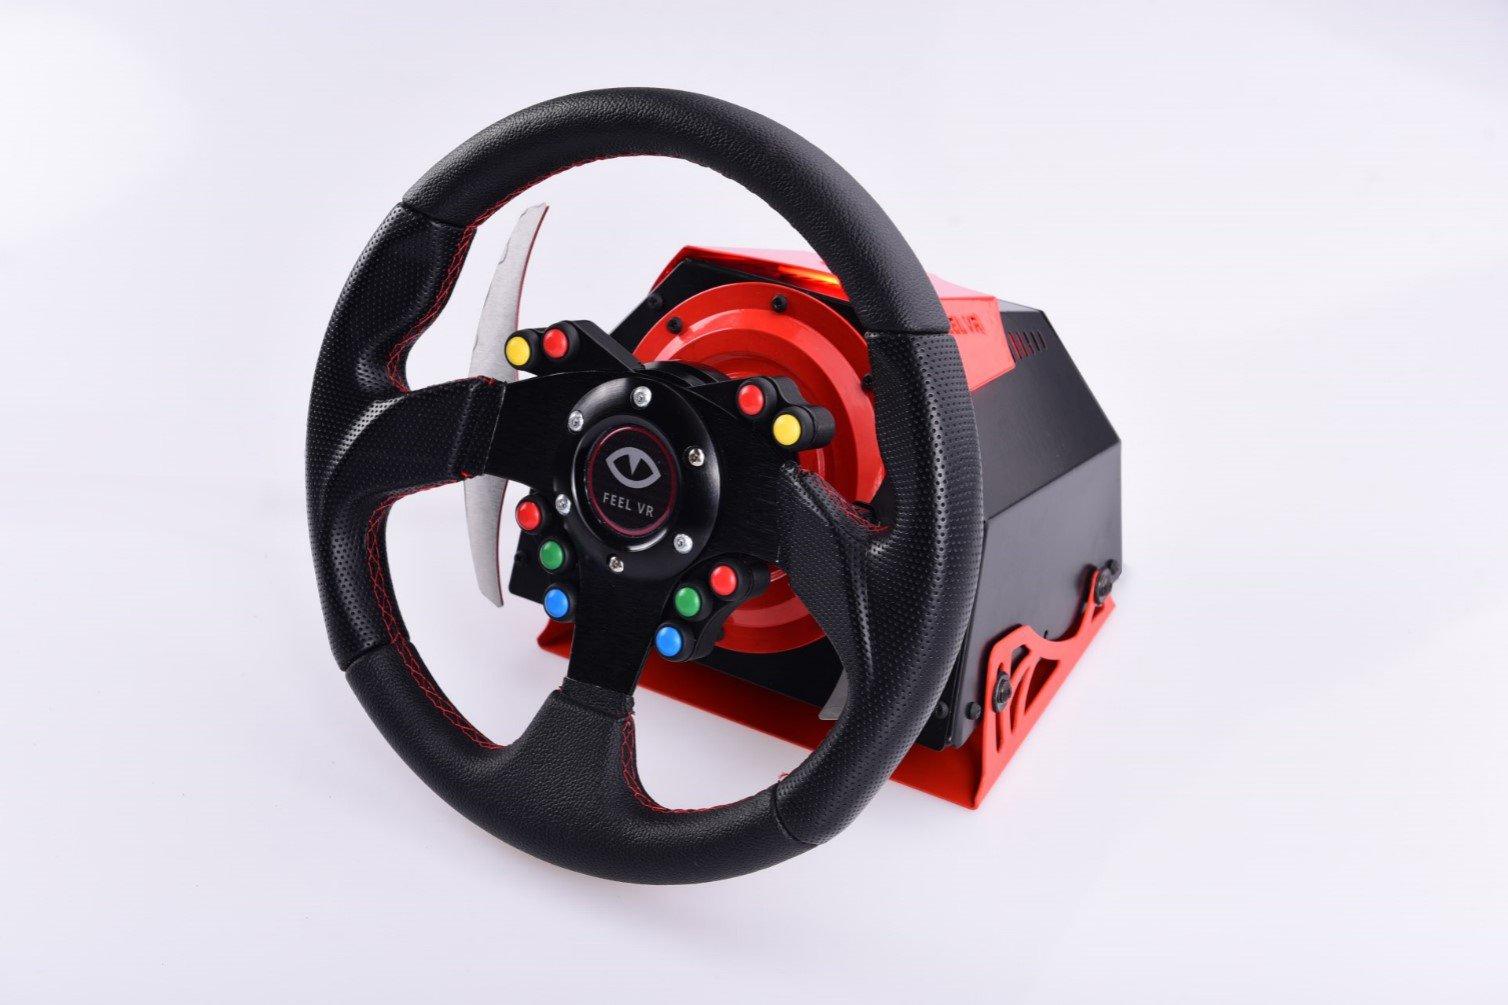 FeelVR GT wheel and base